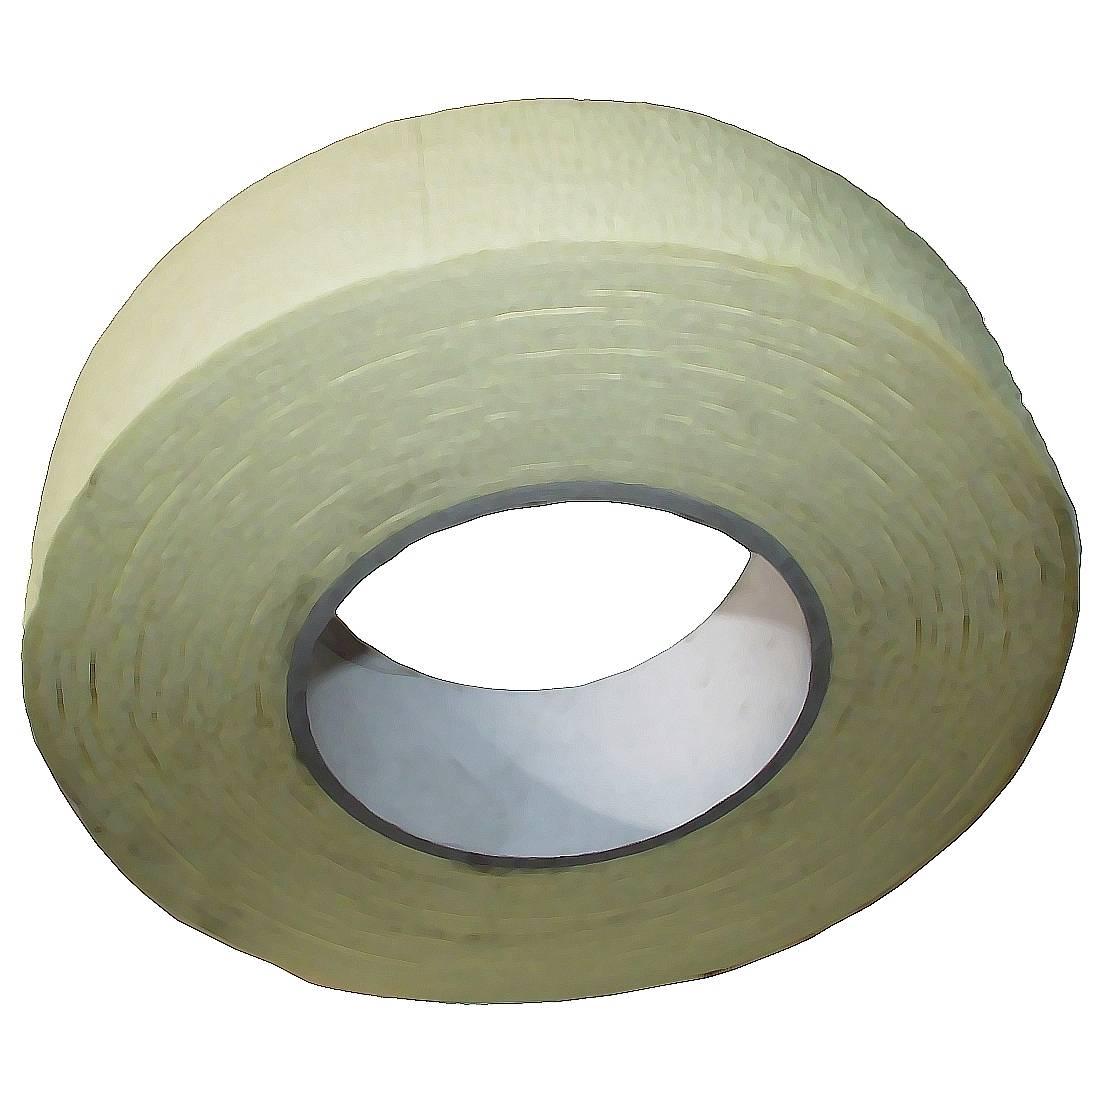 Feinkreppband T721, 30 mm x 50 m / Rolle